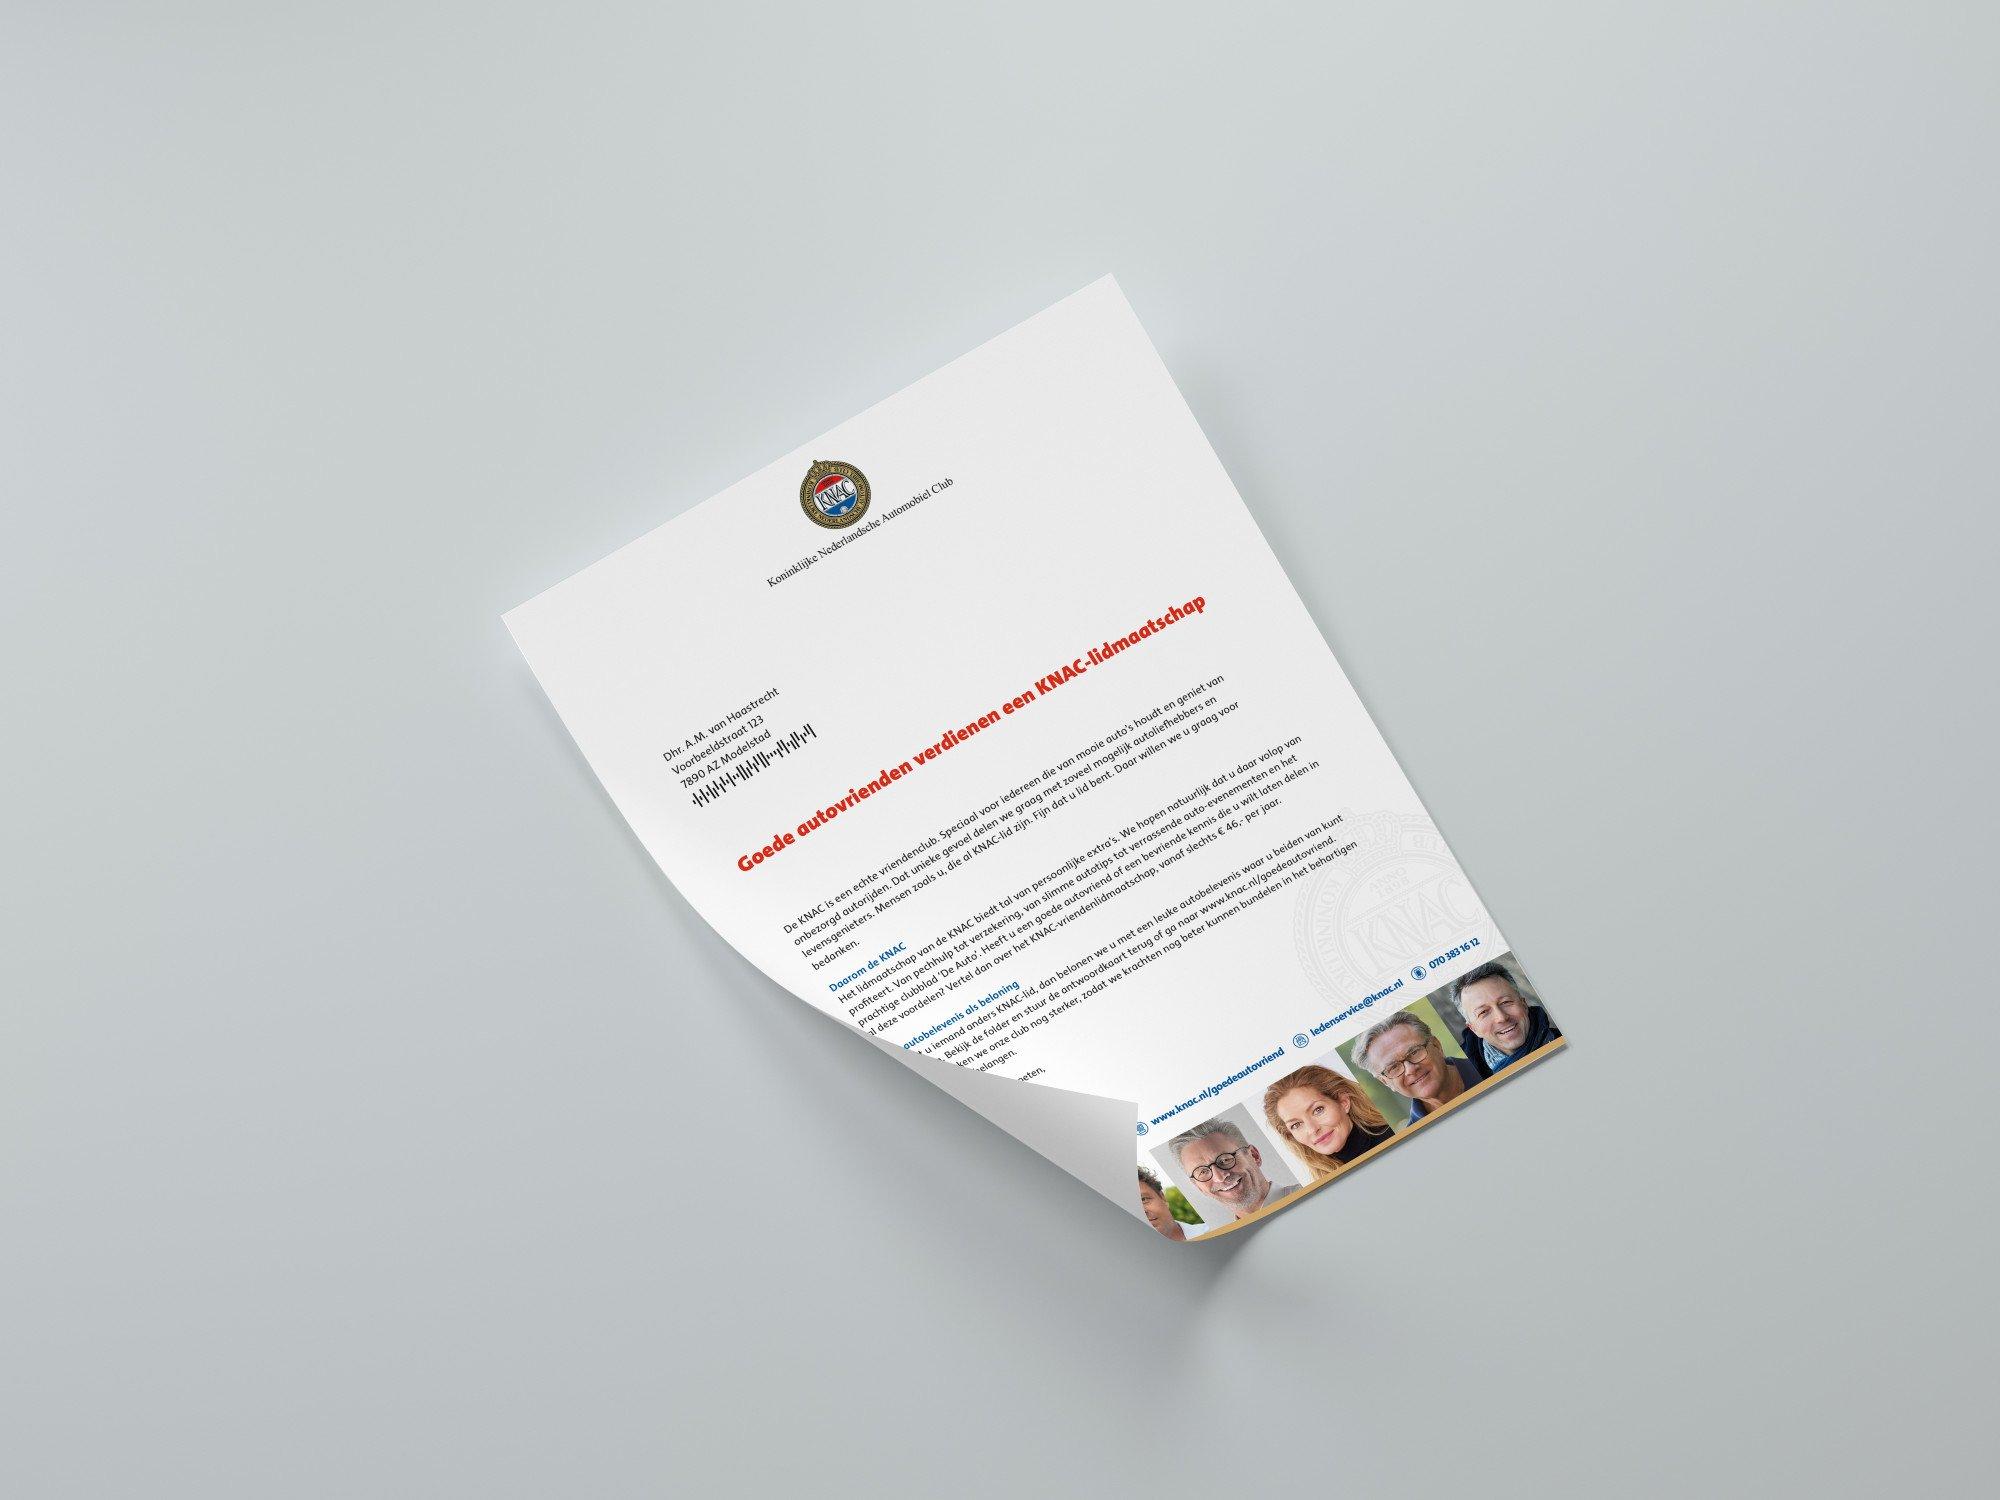 KNAC leden voor leden actie brief